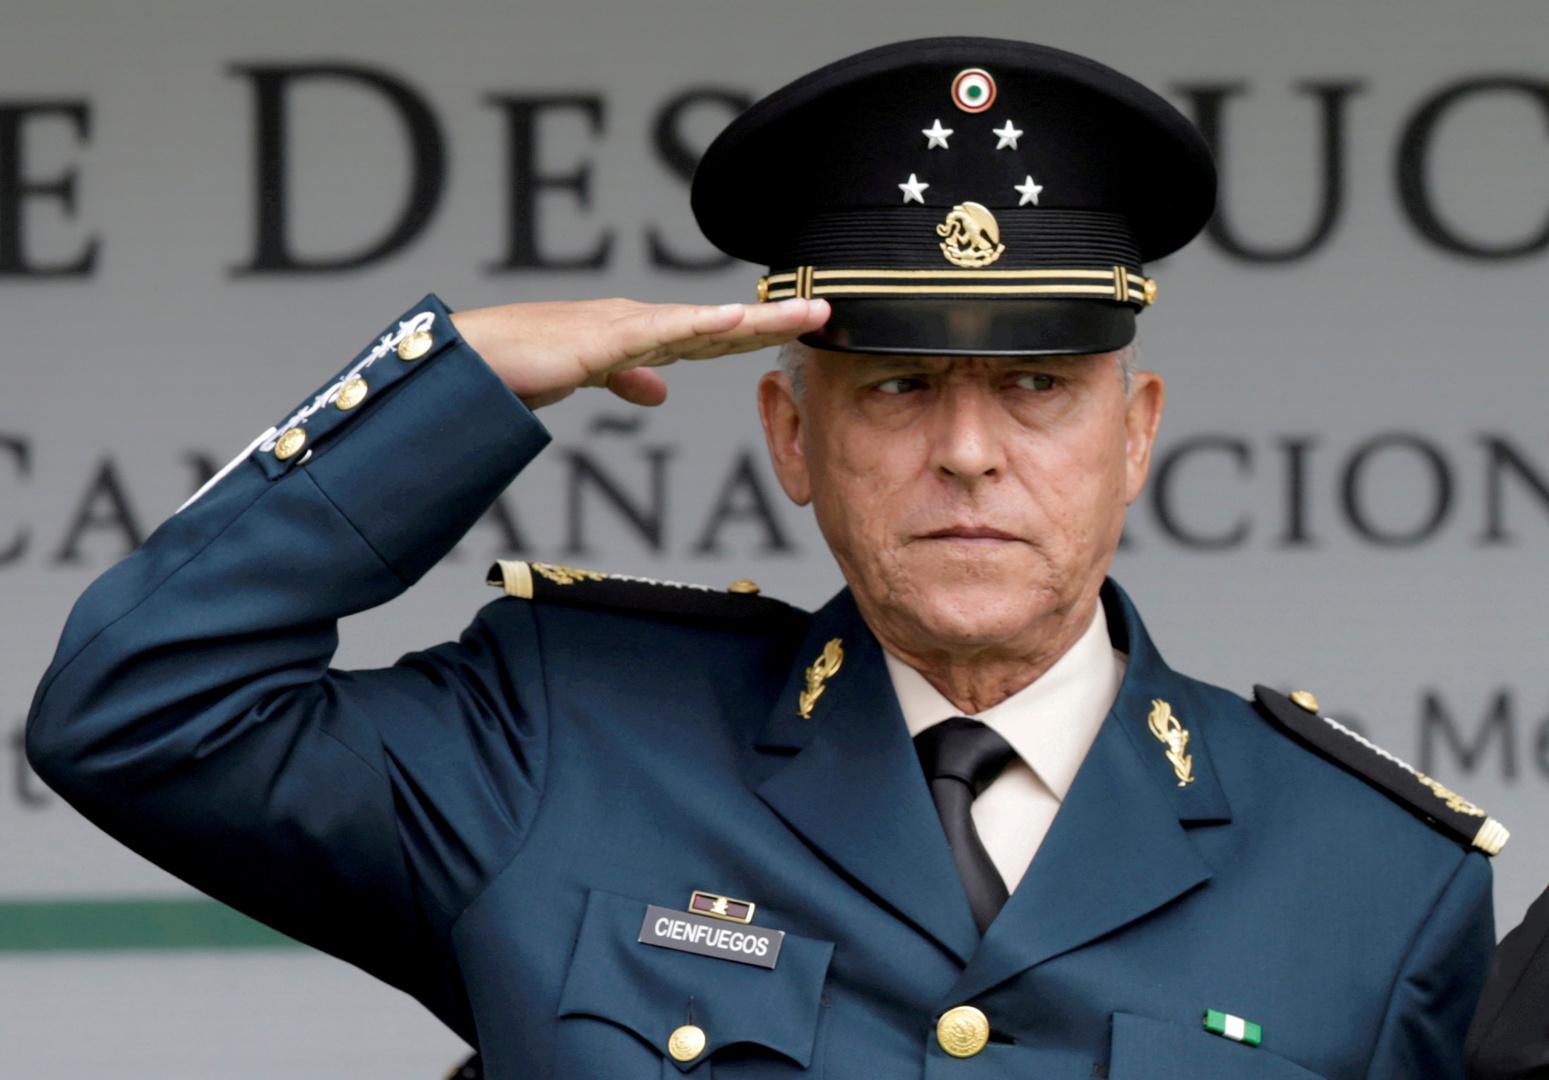 وزير الدفاع المكسيكي السابق سلفادور سيينفويغوس